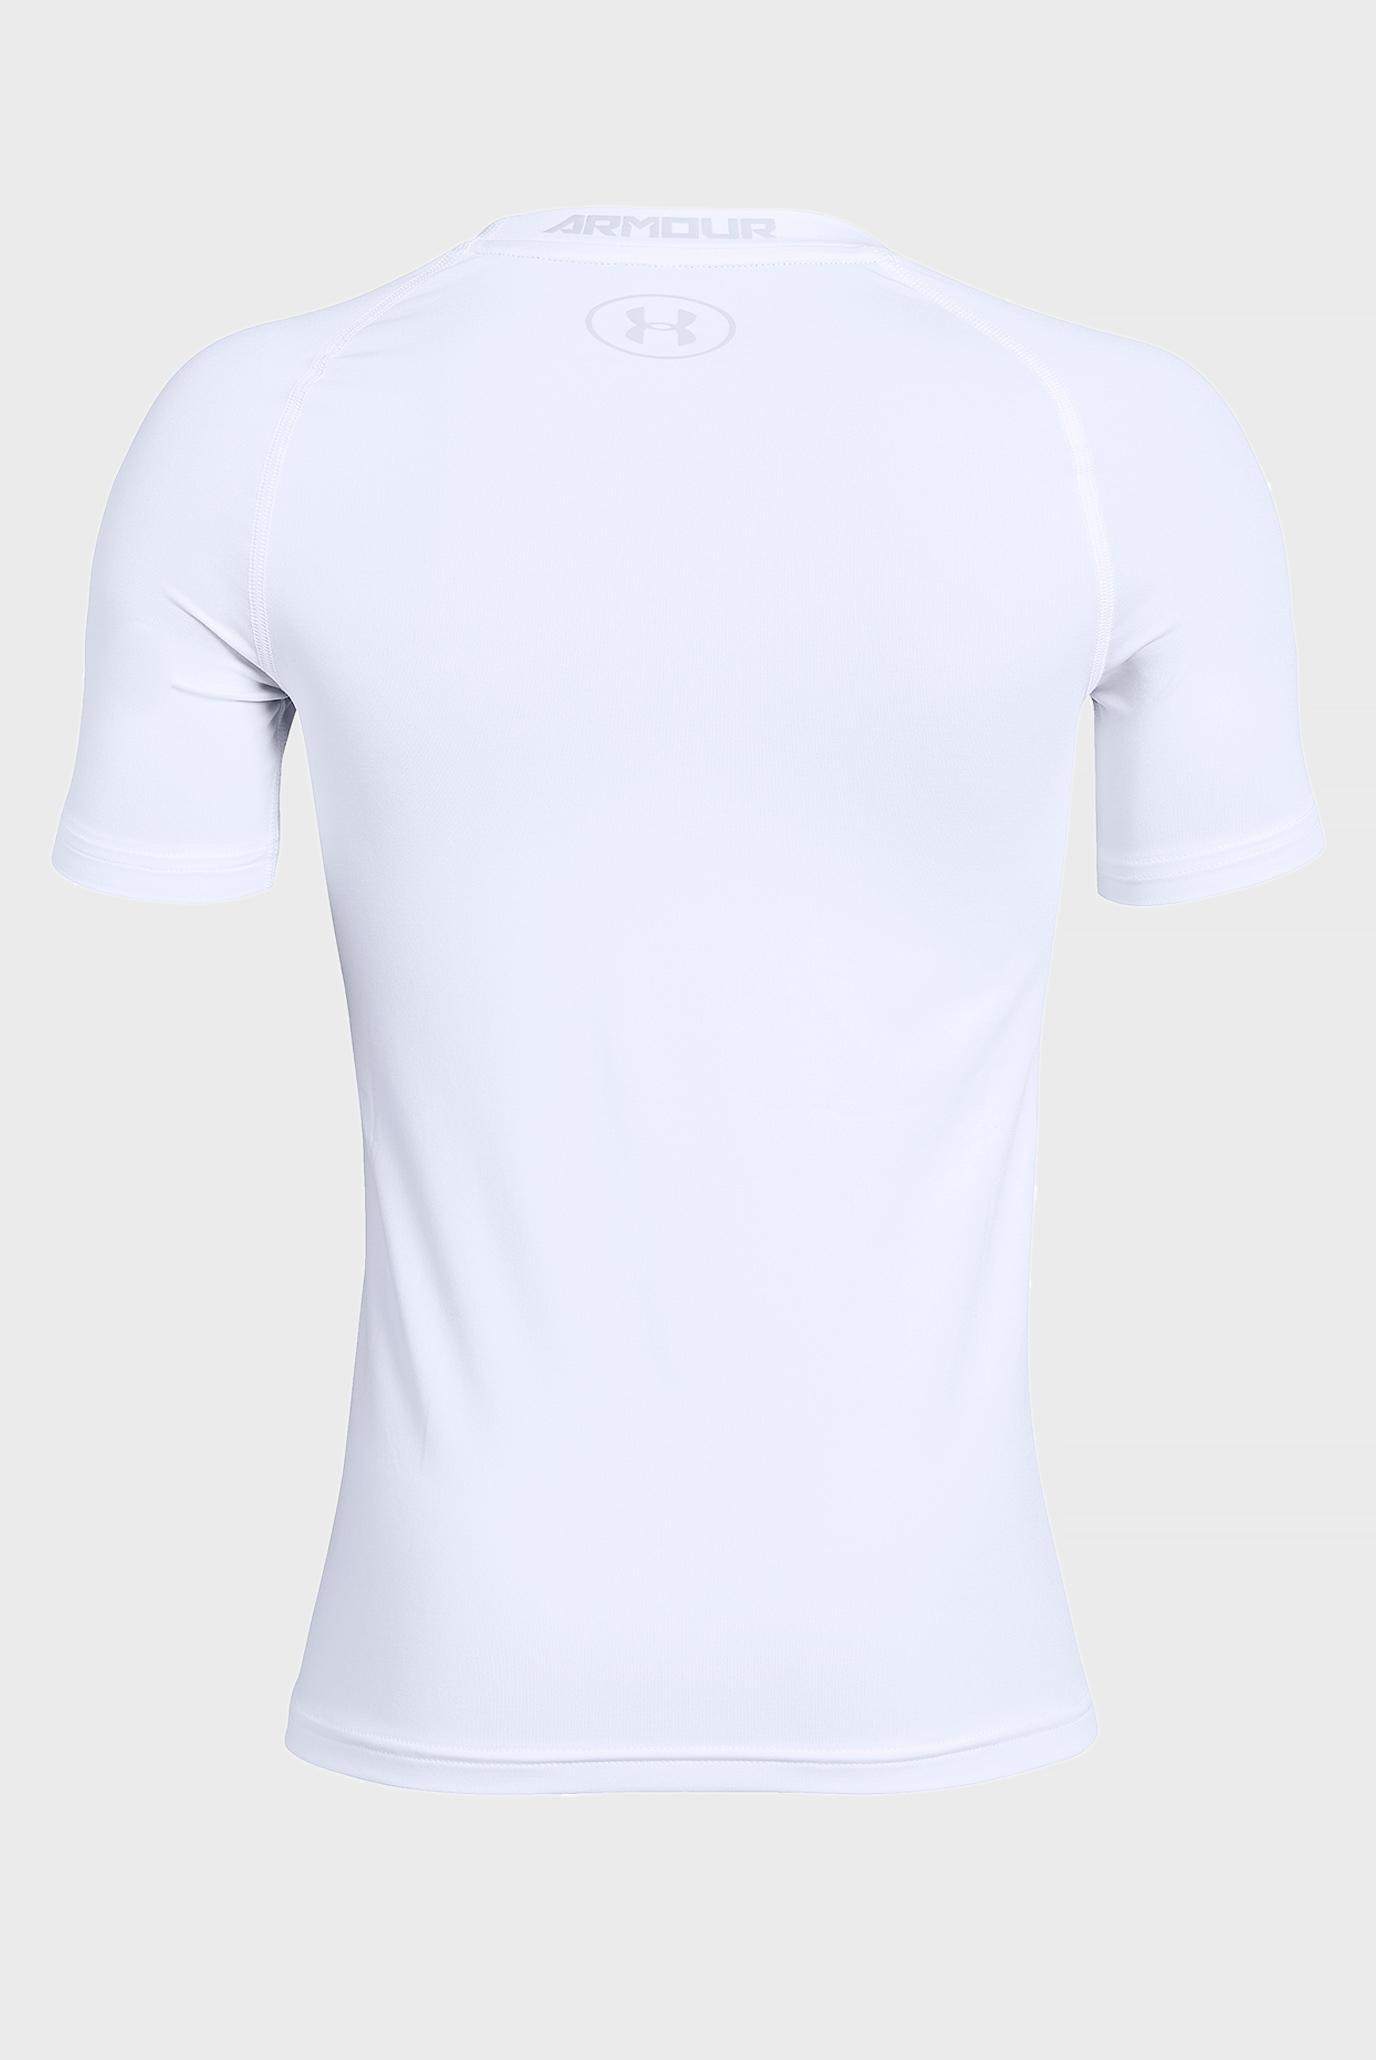 Купить Детская белая футболка Armour HeatGear Short Sleeve Under Armour Under Armour 1343015-101 – Киев, Украина. Цены в интернет магазине MD Fashion